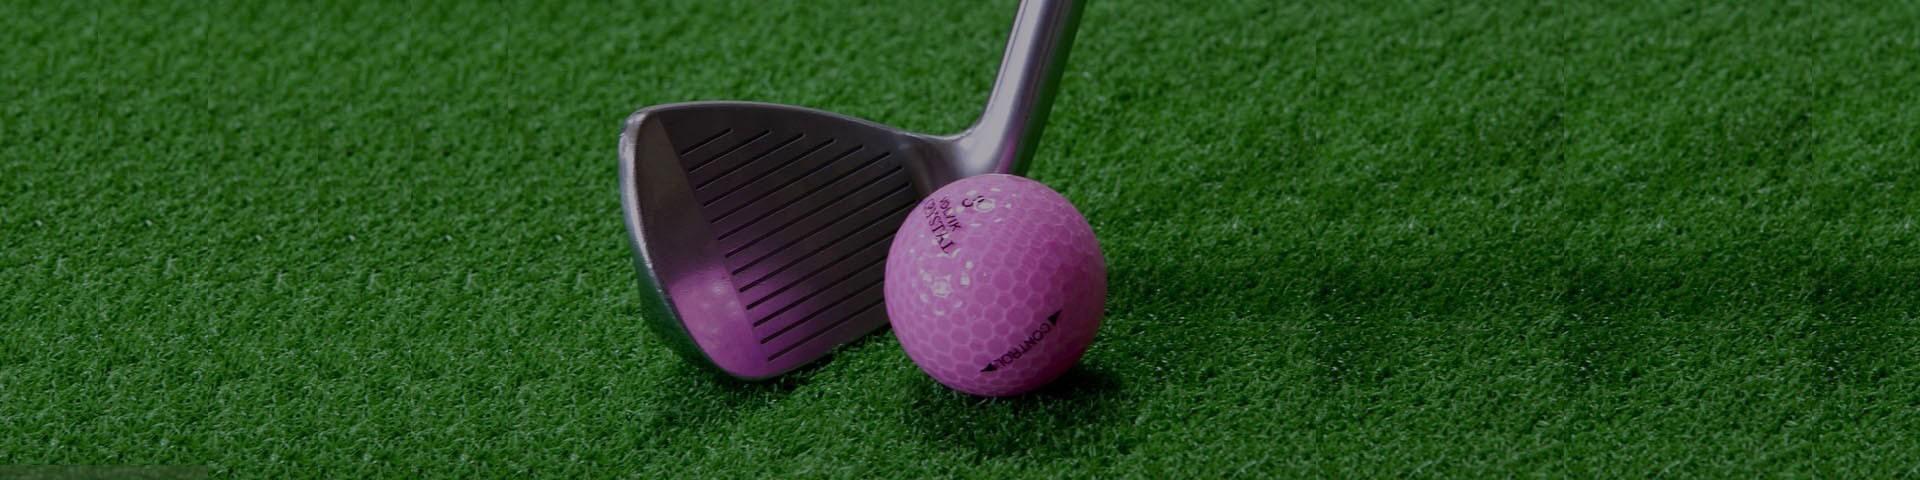 Achat de pelouse synthétique spéciale Golf : green, mini et départ